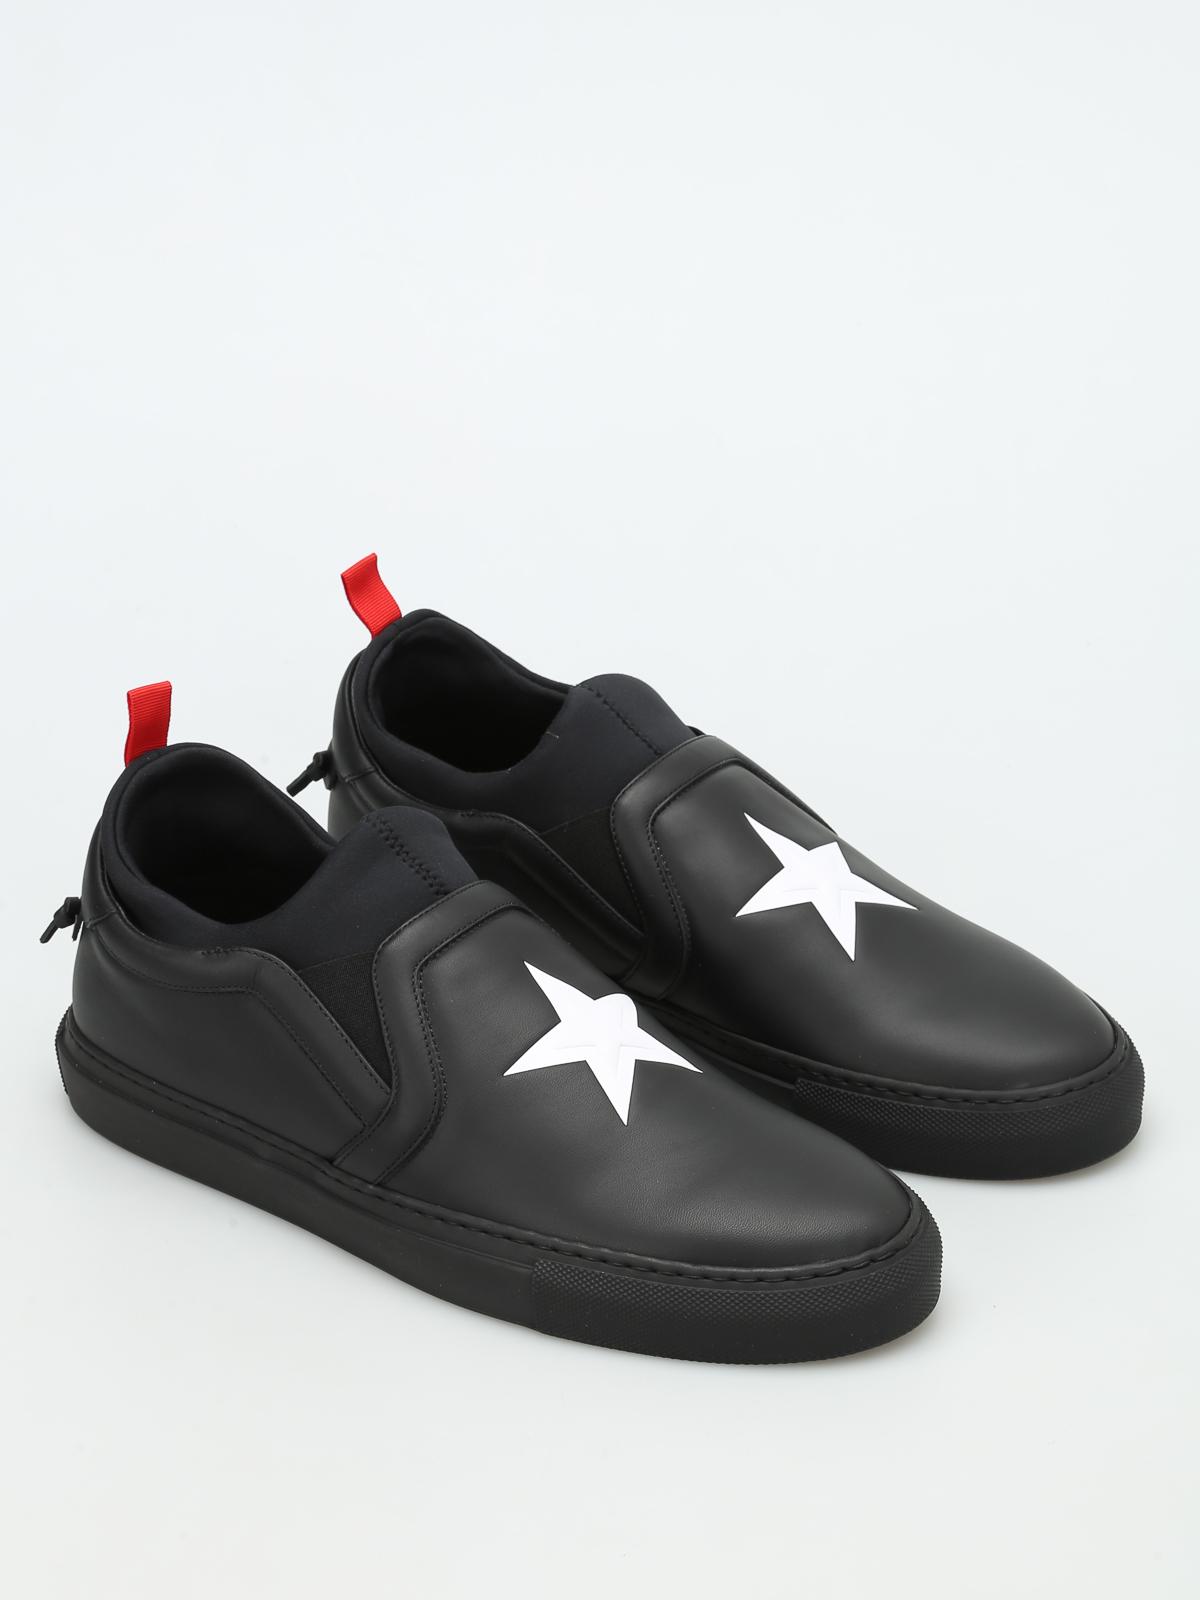 On In Slip Bm08408922004 Calzino Pelle Givenchy Sneakers Con 5q1fP4w 8e5112eb9d8